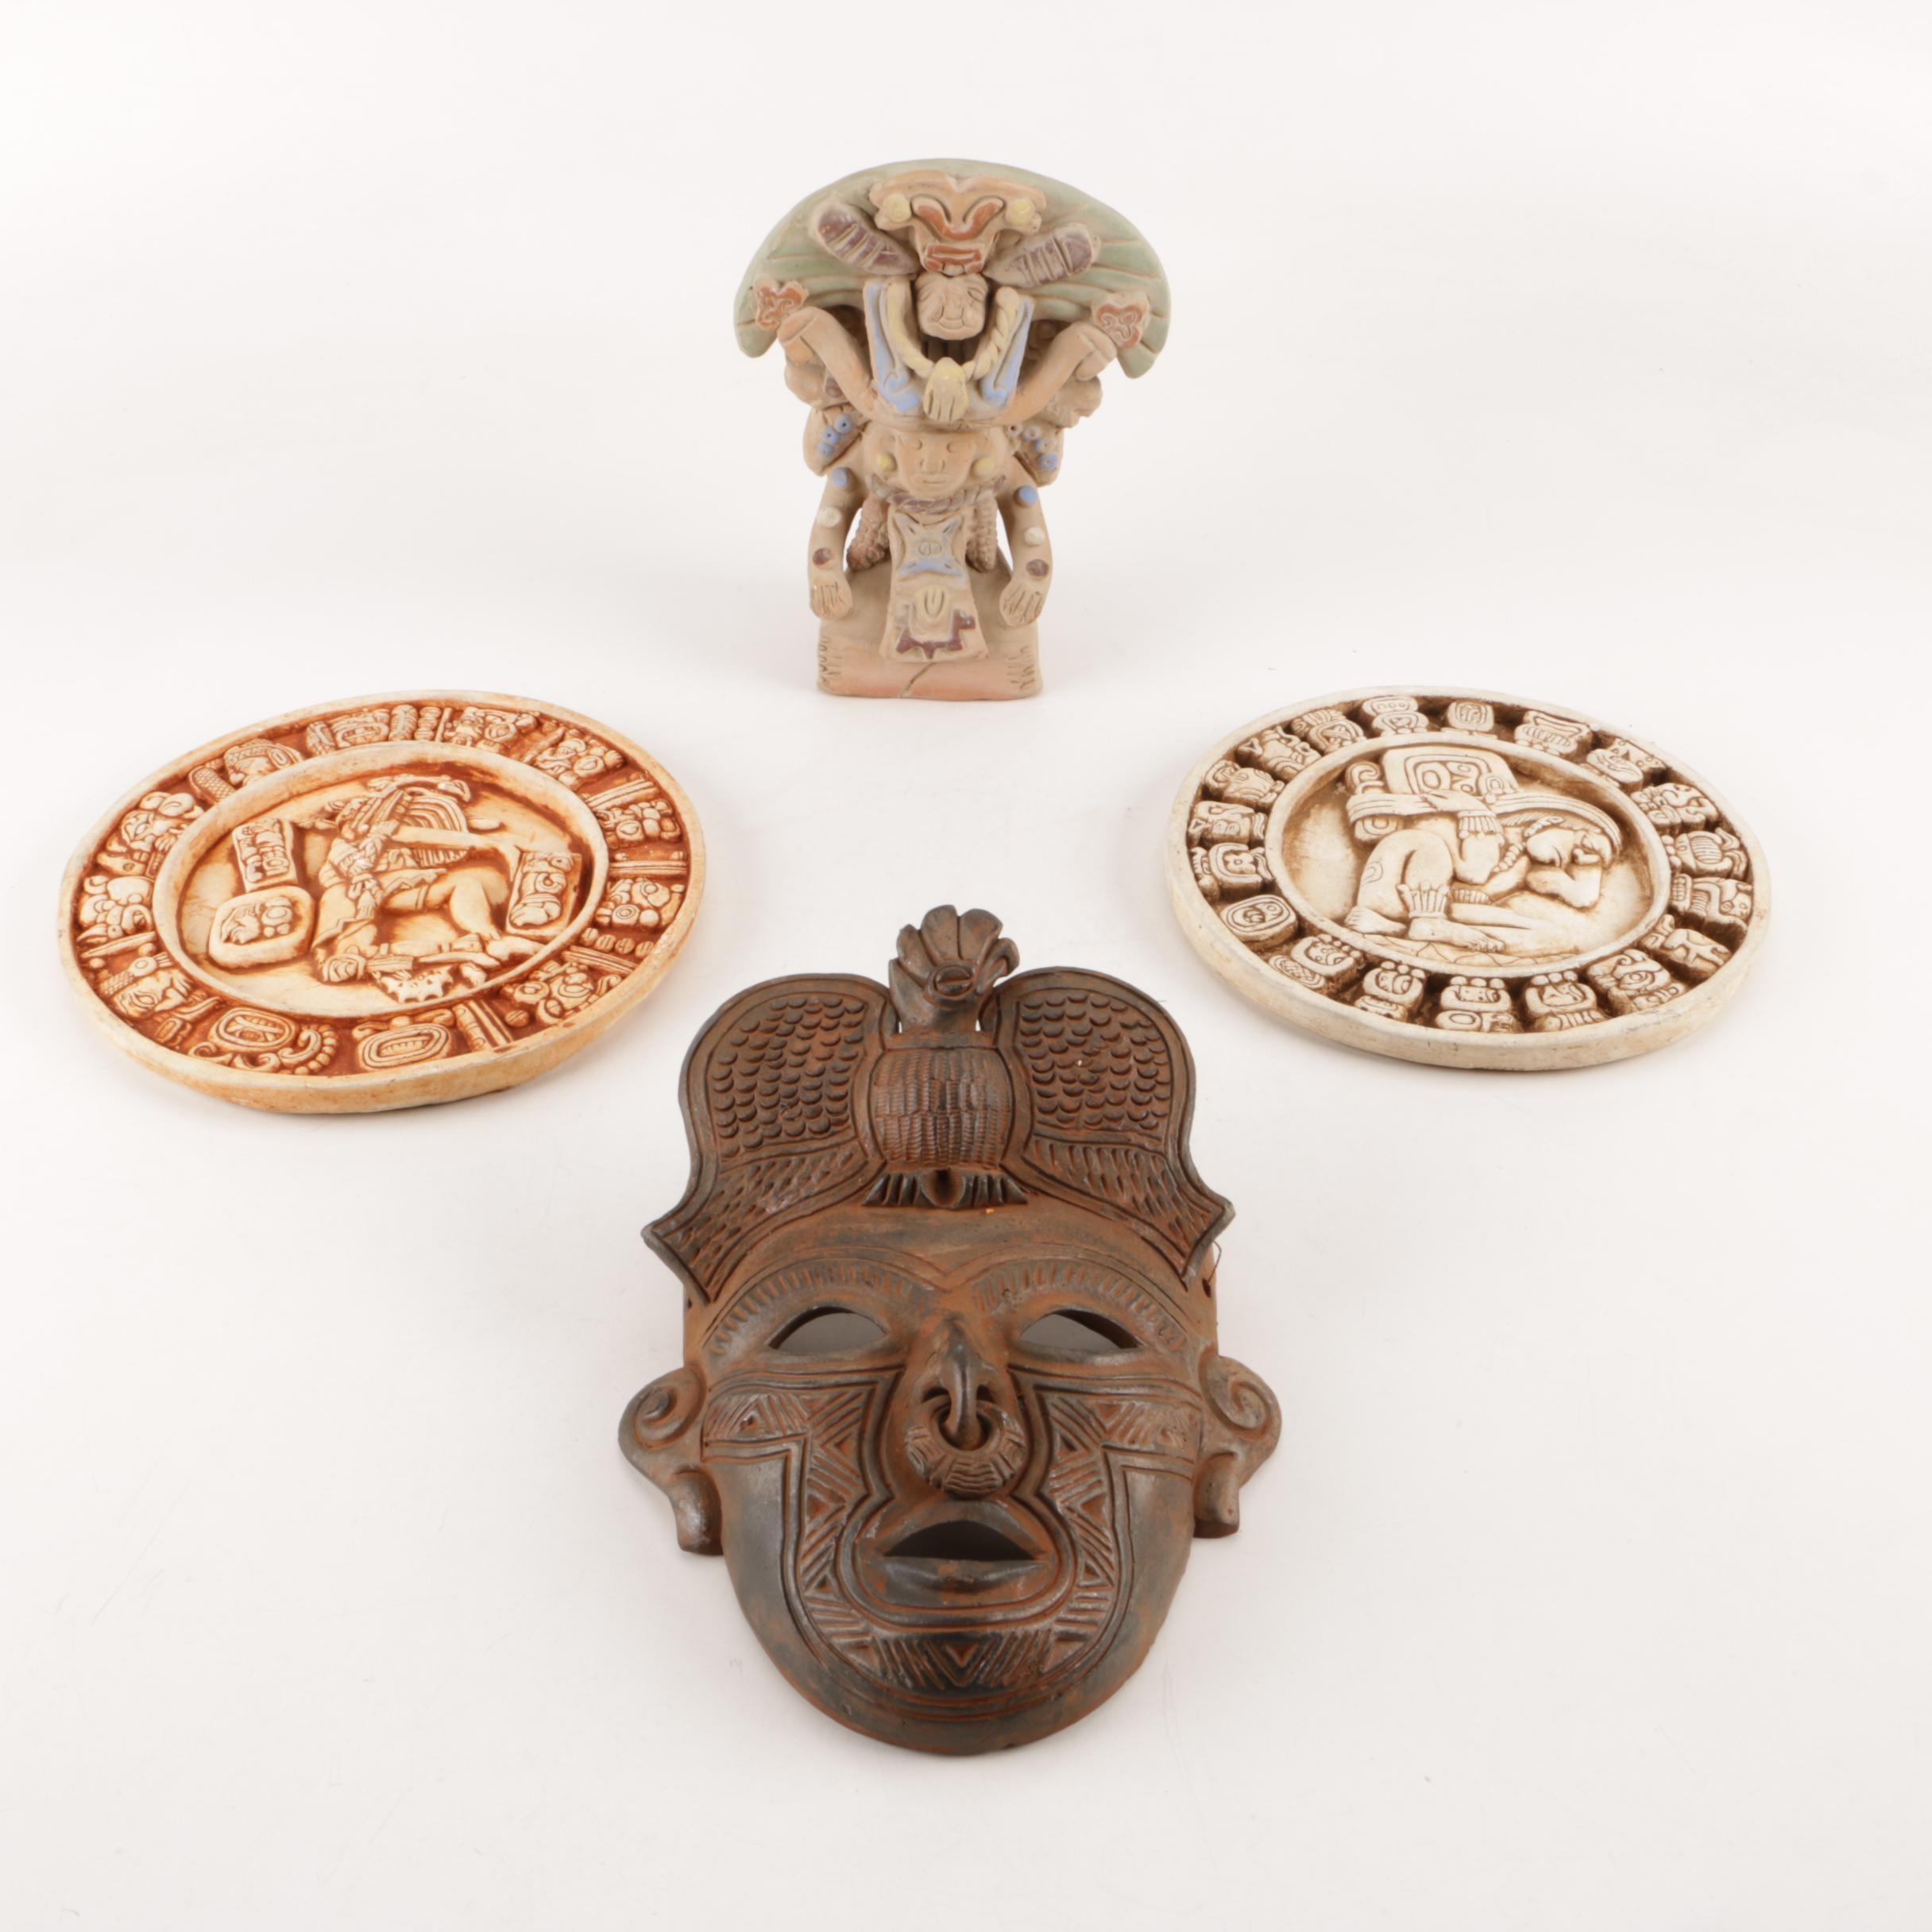 Aztec Inspired Ceramic Decor